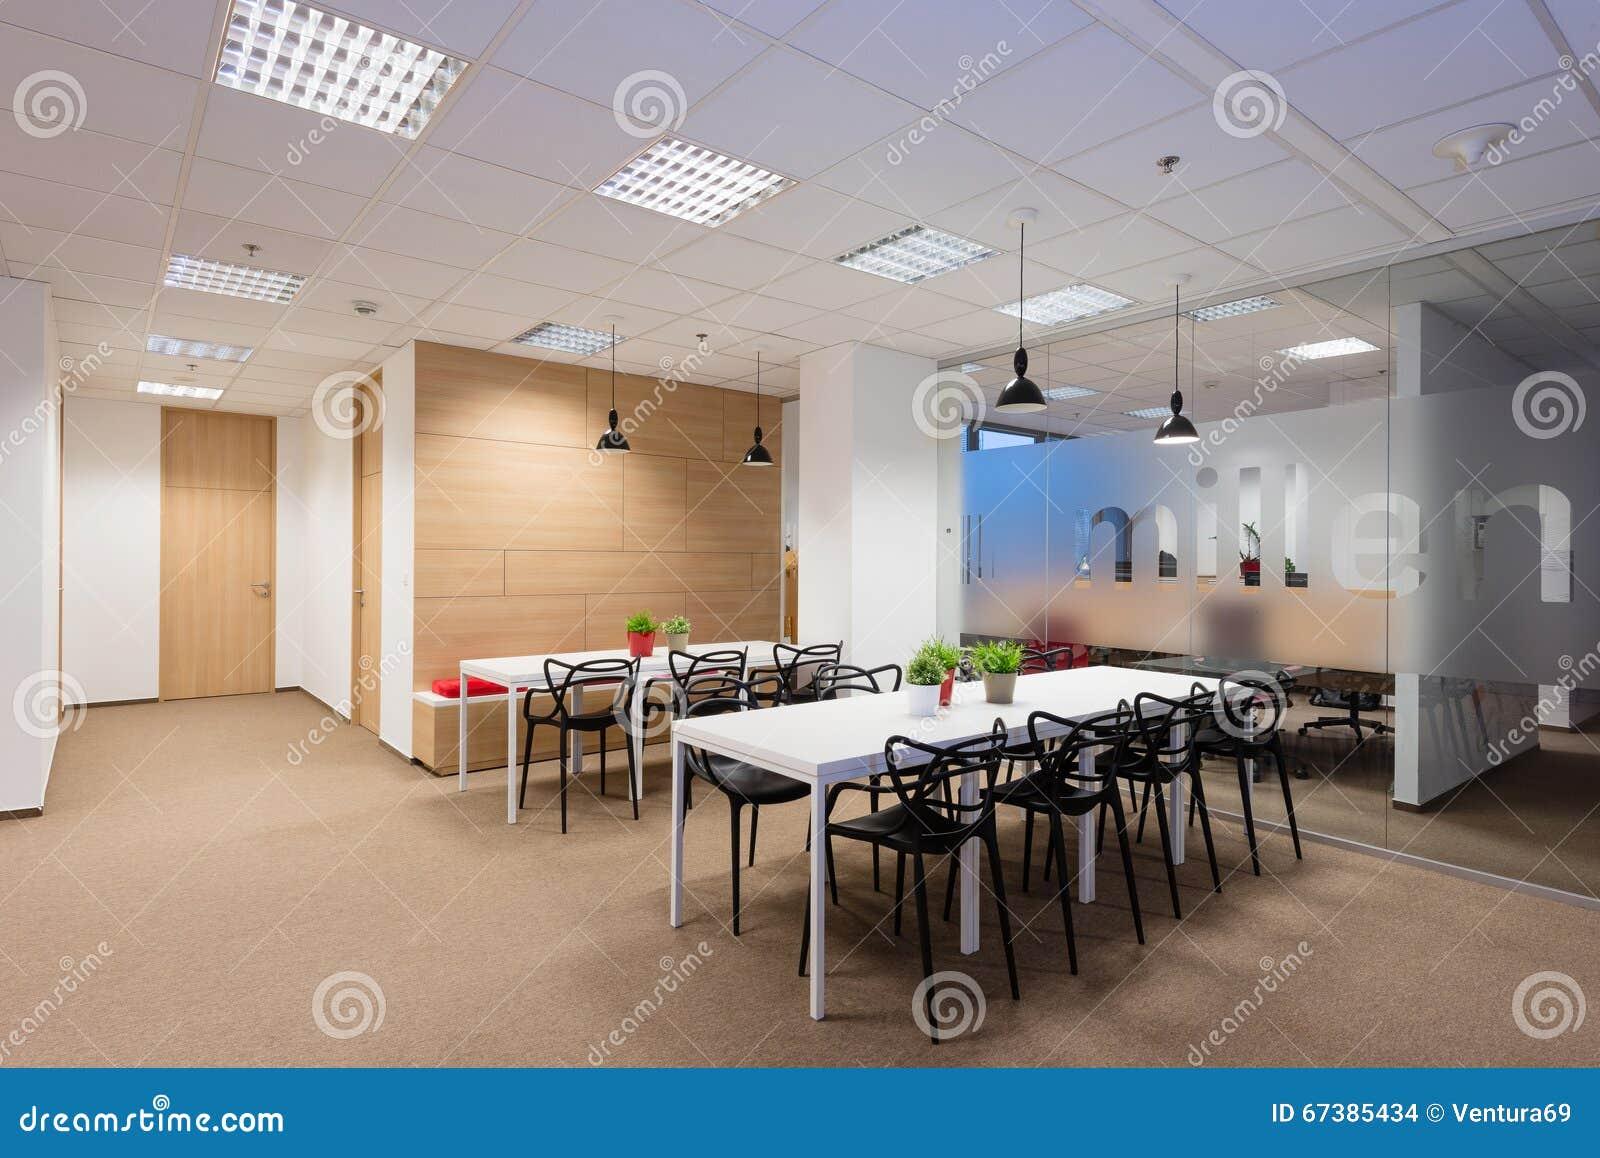 Bureaubinnenland door Kivvi architecten, Bratislava, Slowakije wordt gecreeerd dat